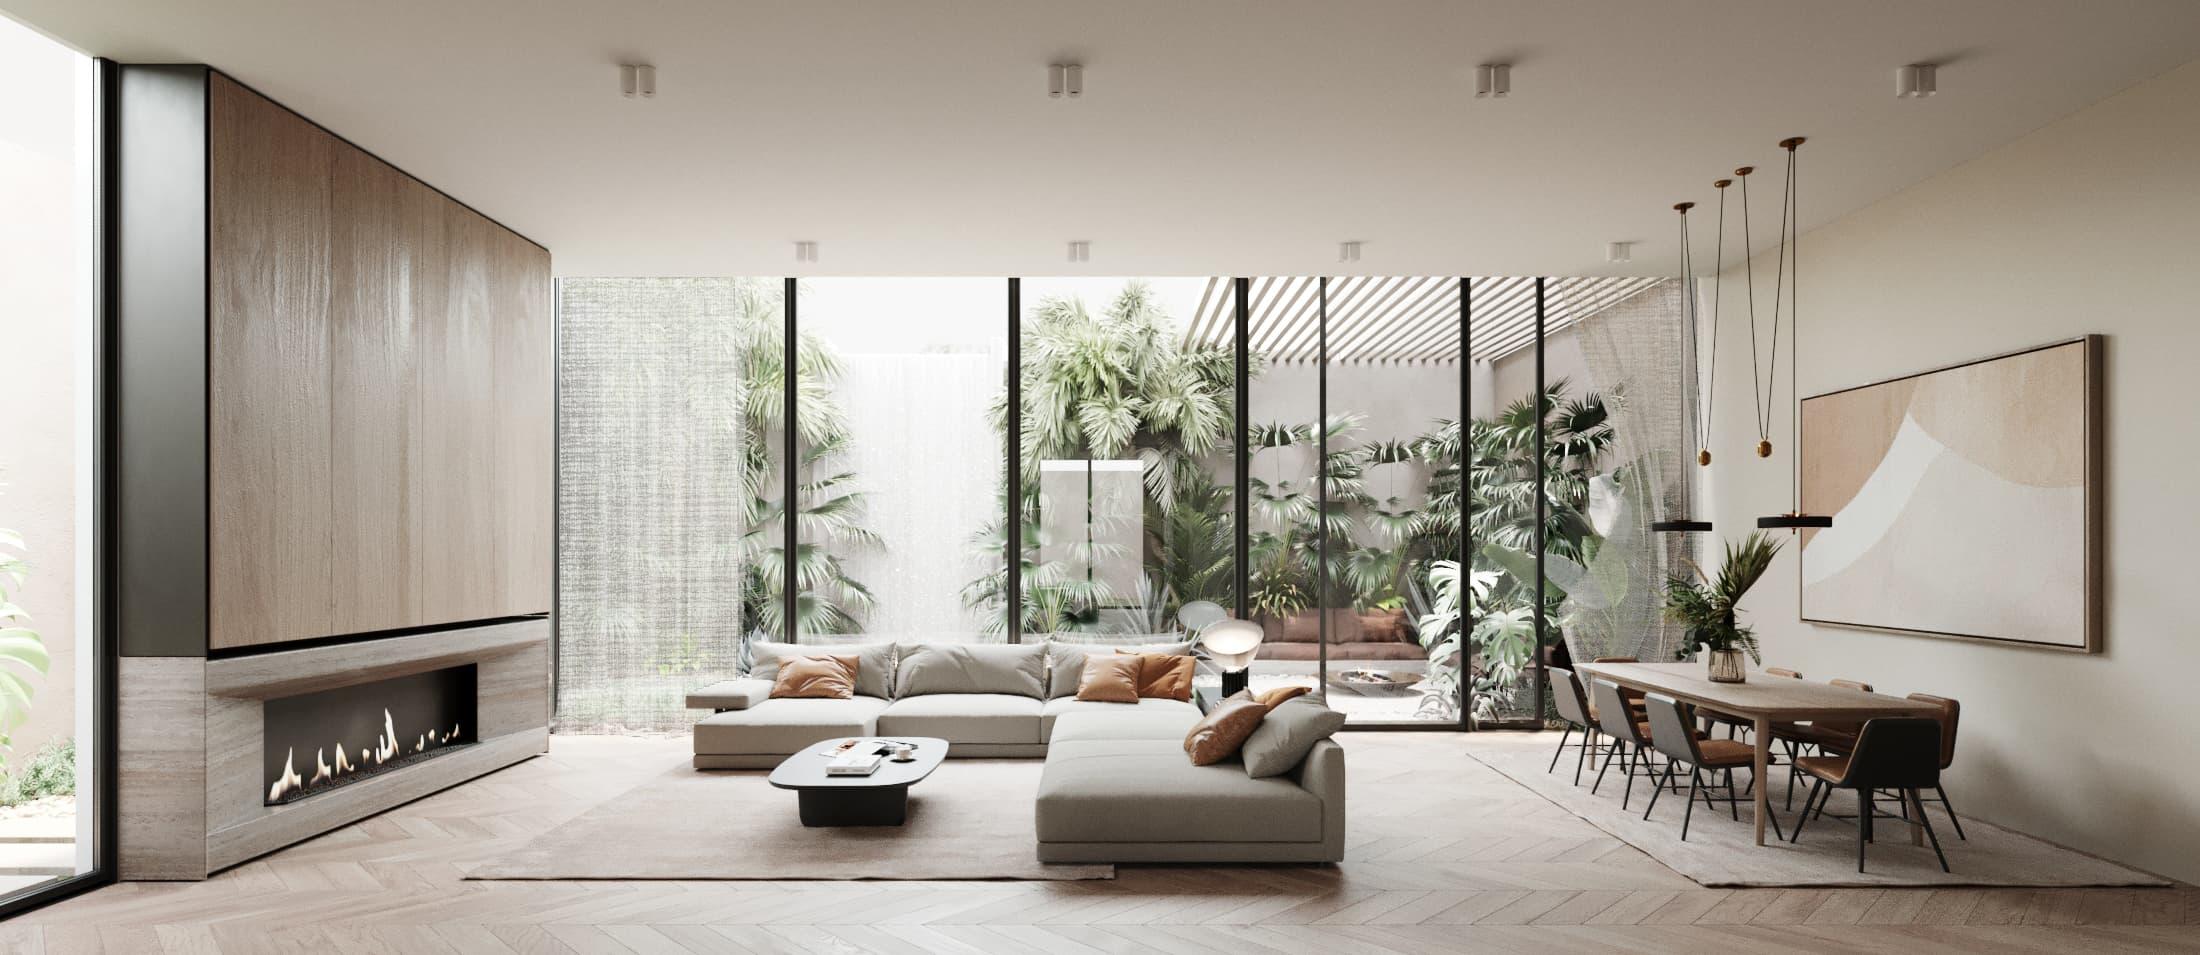 villa designs (14)